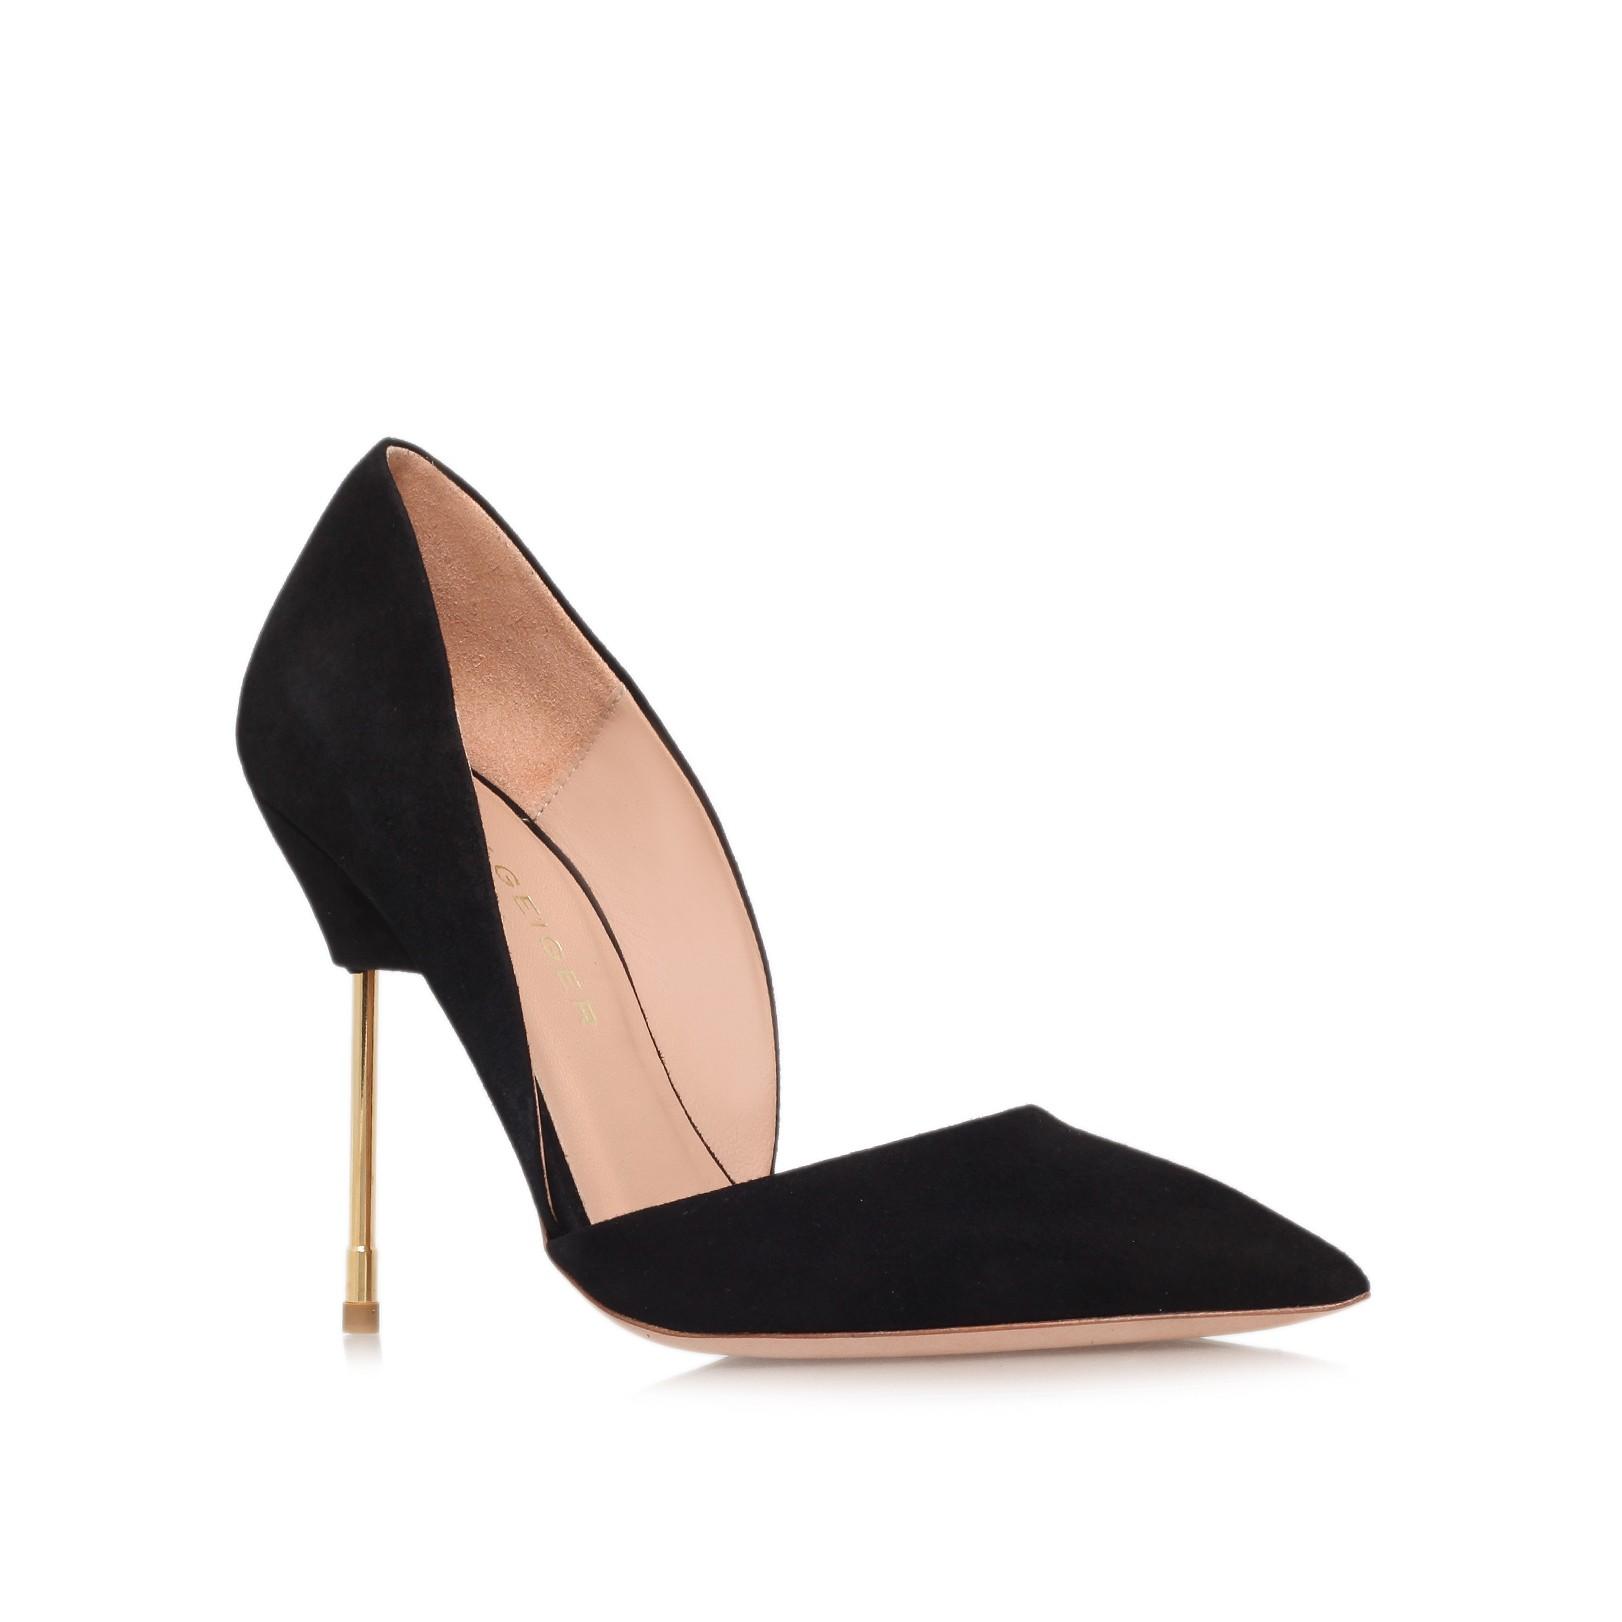 b55286f8601 BOND Black High Heel Court Shoes by Kurt Geiger London | Kurt Geiger